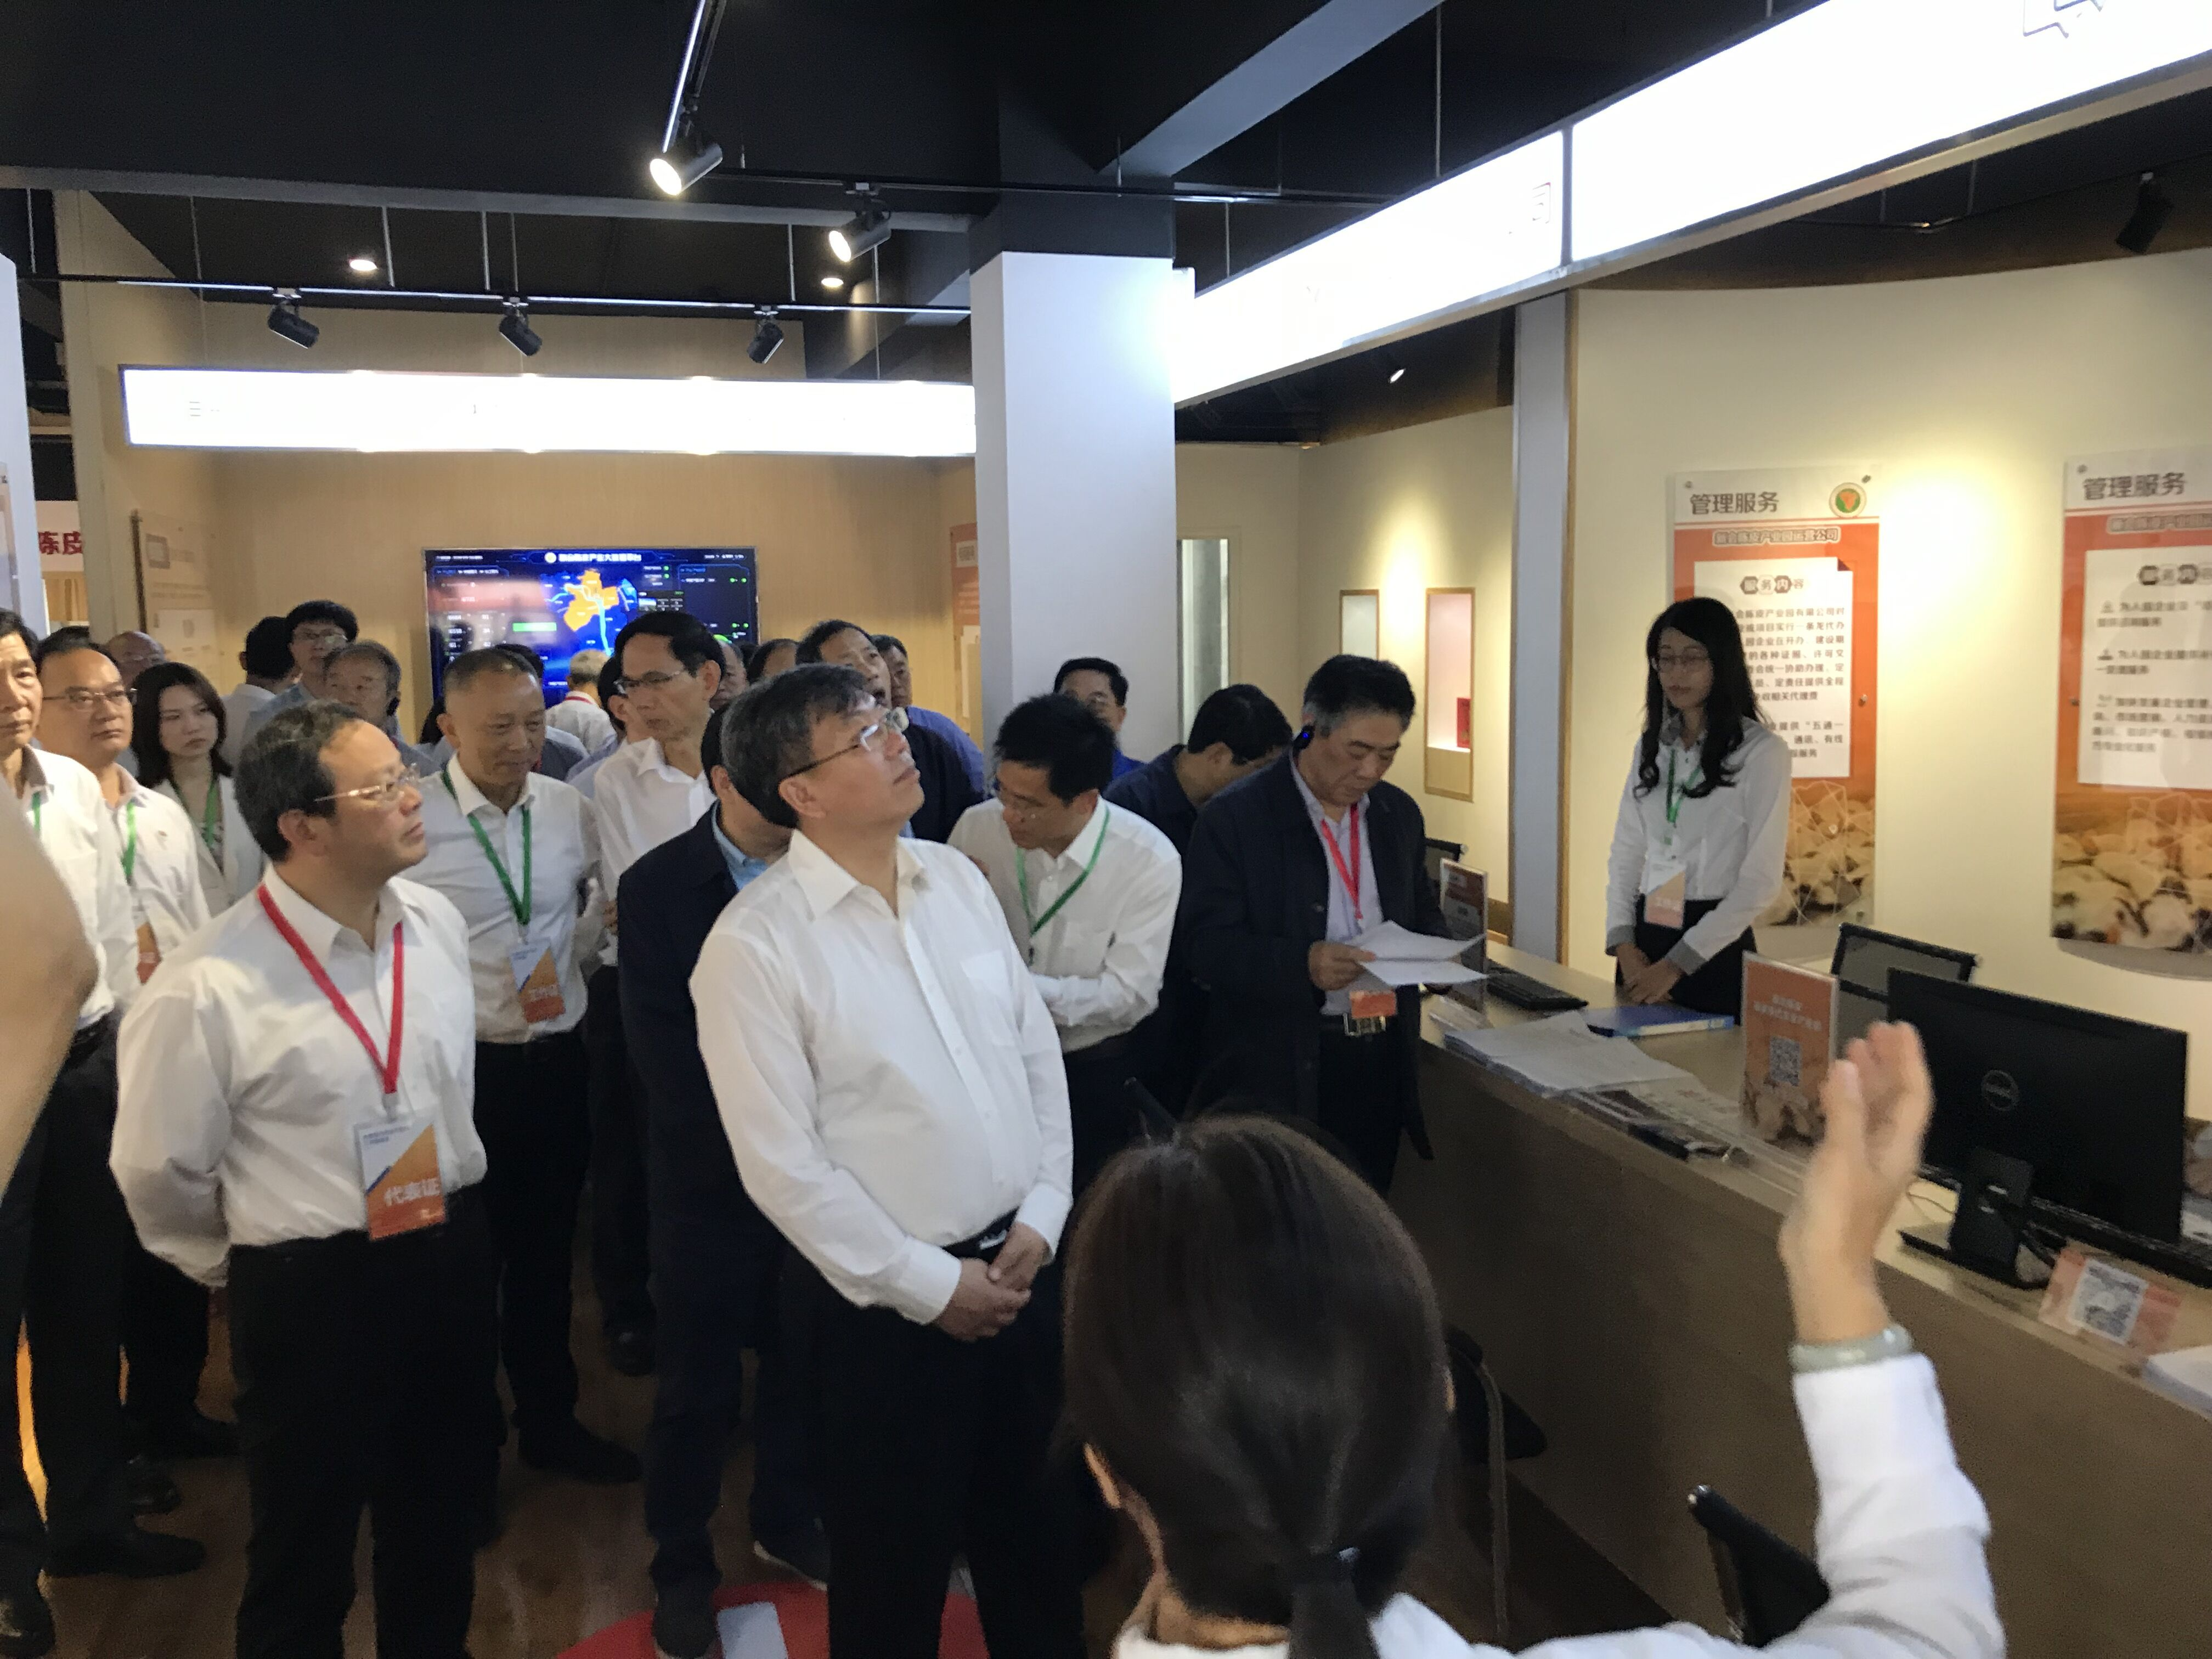 全国现代农业产业园工作推进会与会人员到江门考察